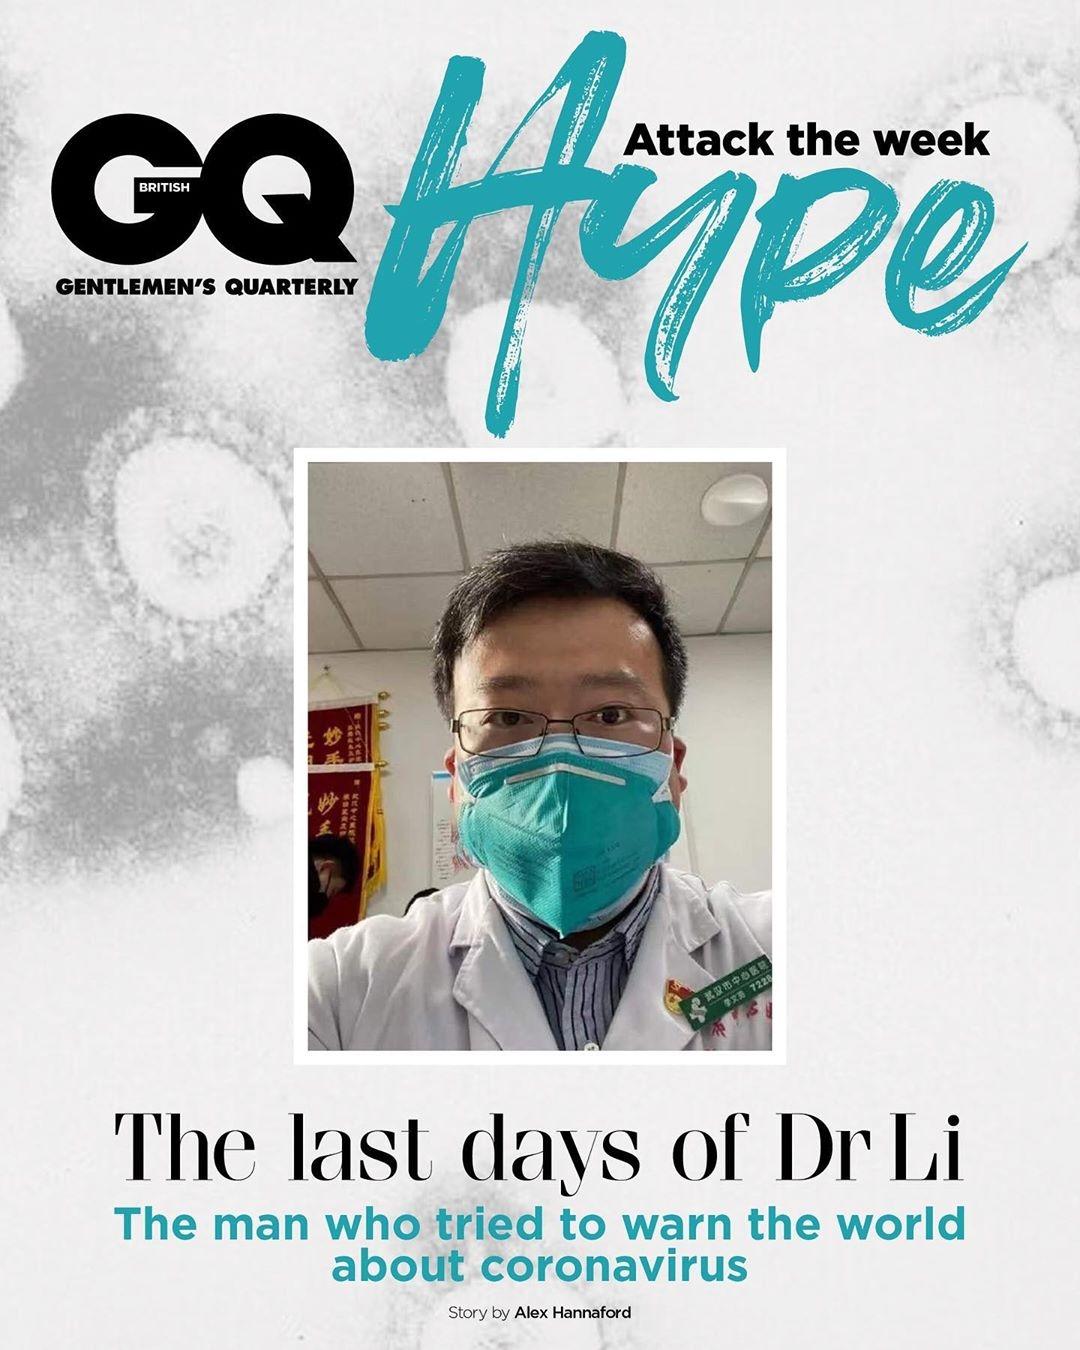 Вечная память: на обложку GQ Hype попал врач с Уханя, который пытался предупредить всех о коронавирусе - фото №1